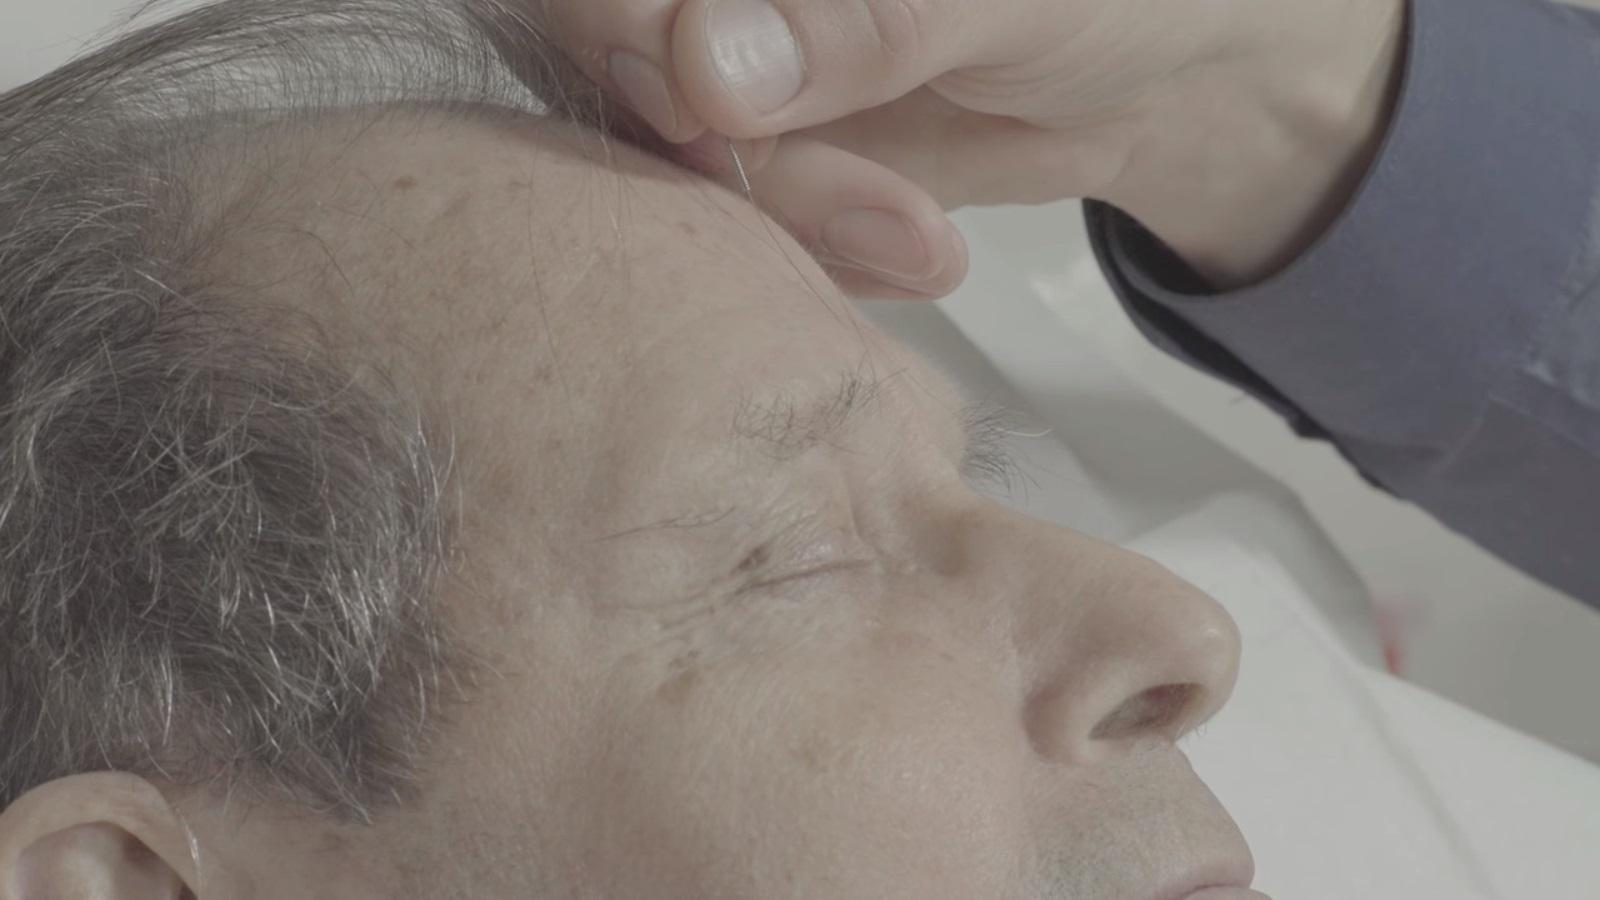 Les raisons de consultation fréquentes en acupuncture